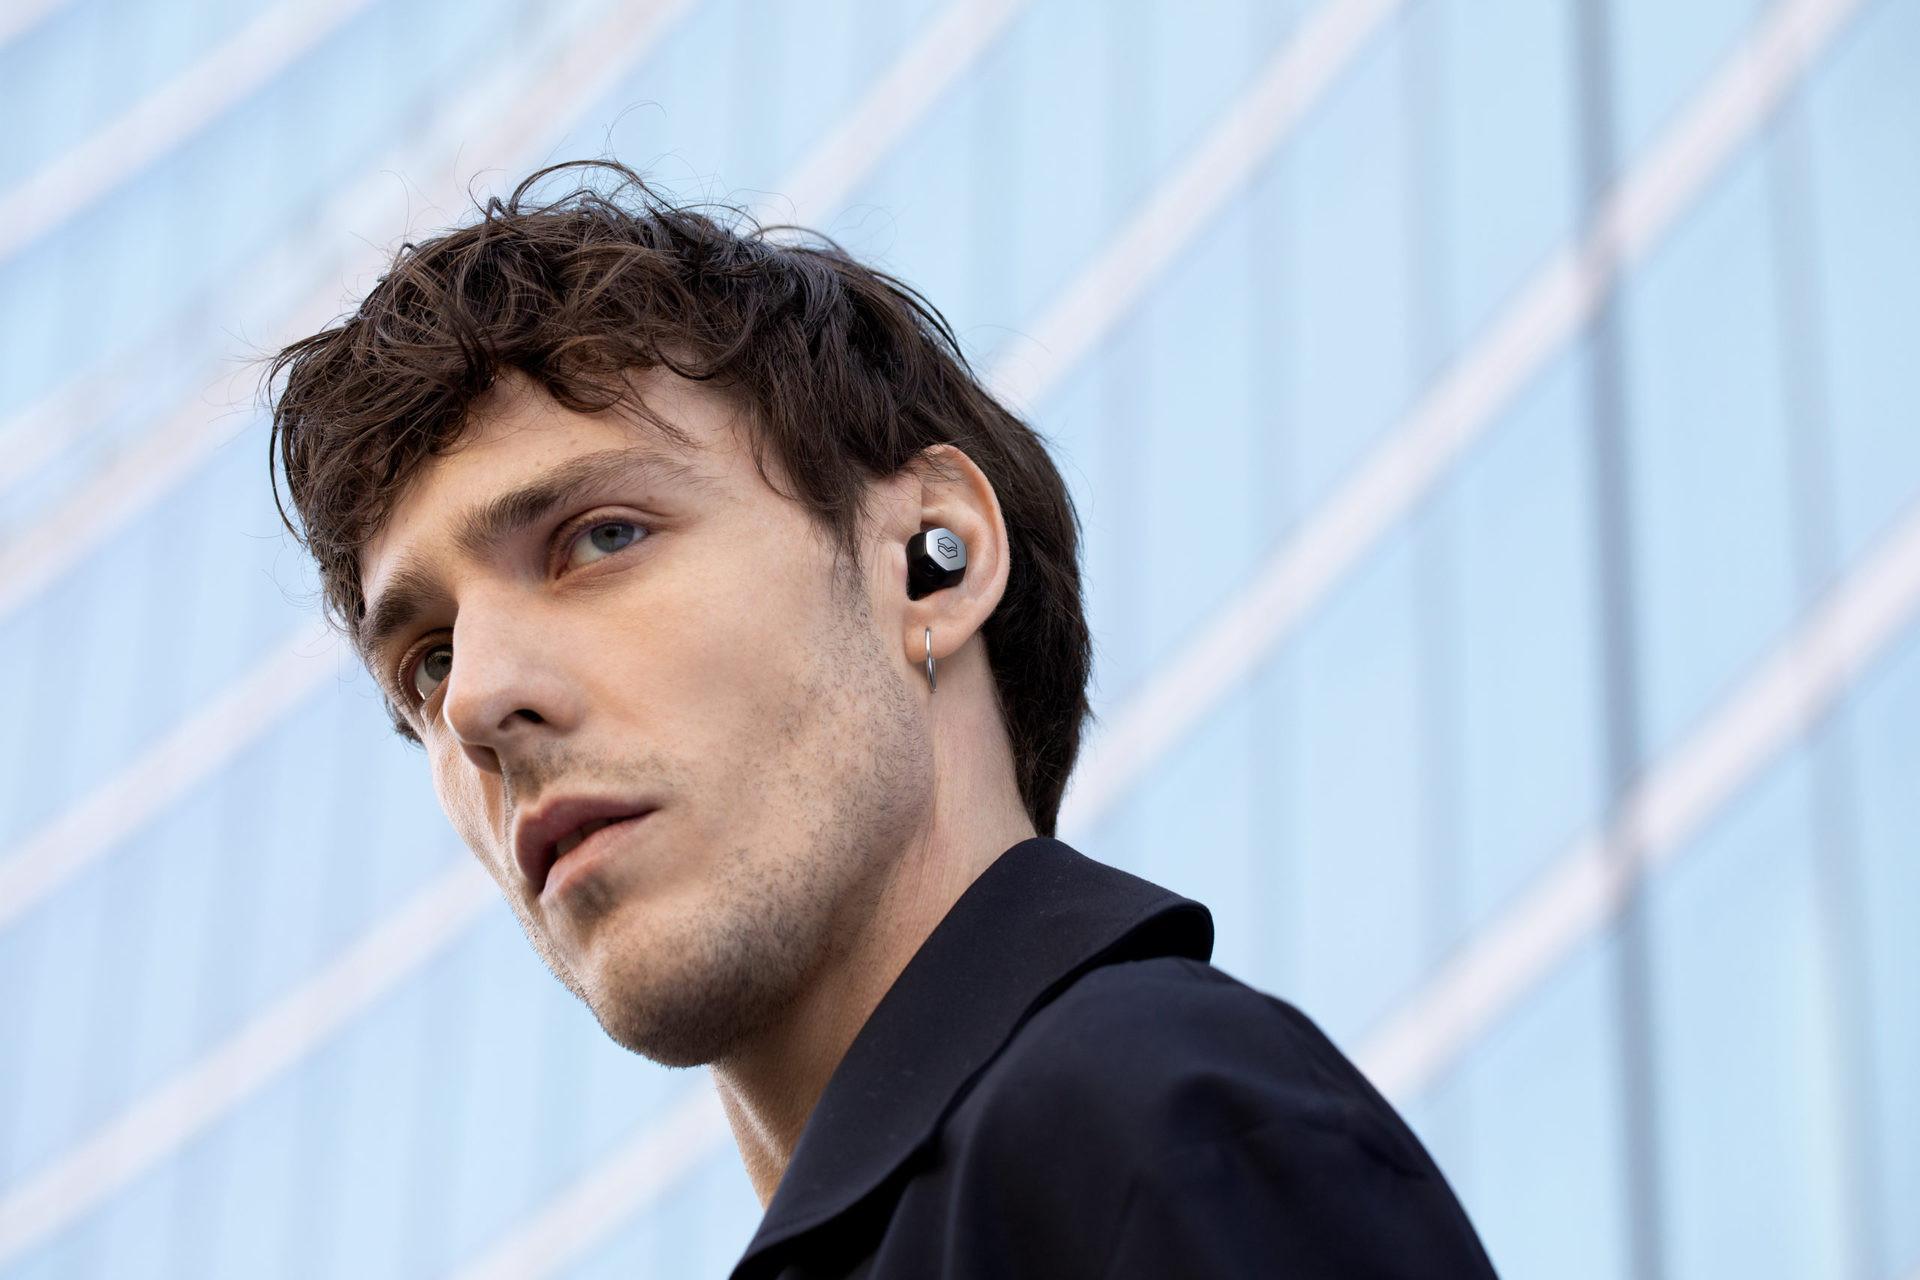 Une personne masculine porte le v-moda Hexamove Pro en noir avec le bouclier personnalisé argenté installé.